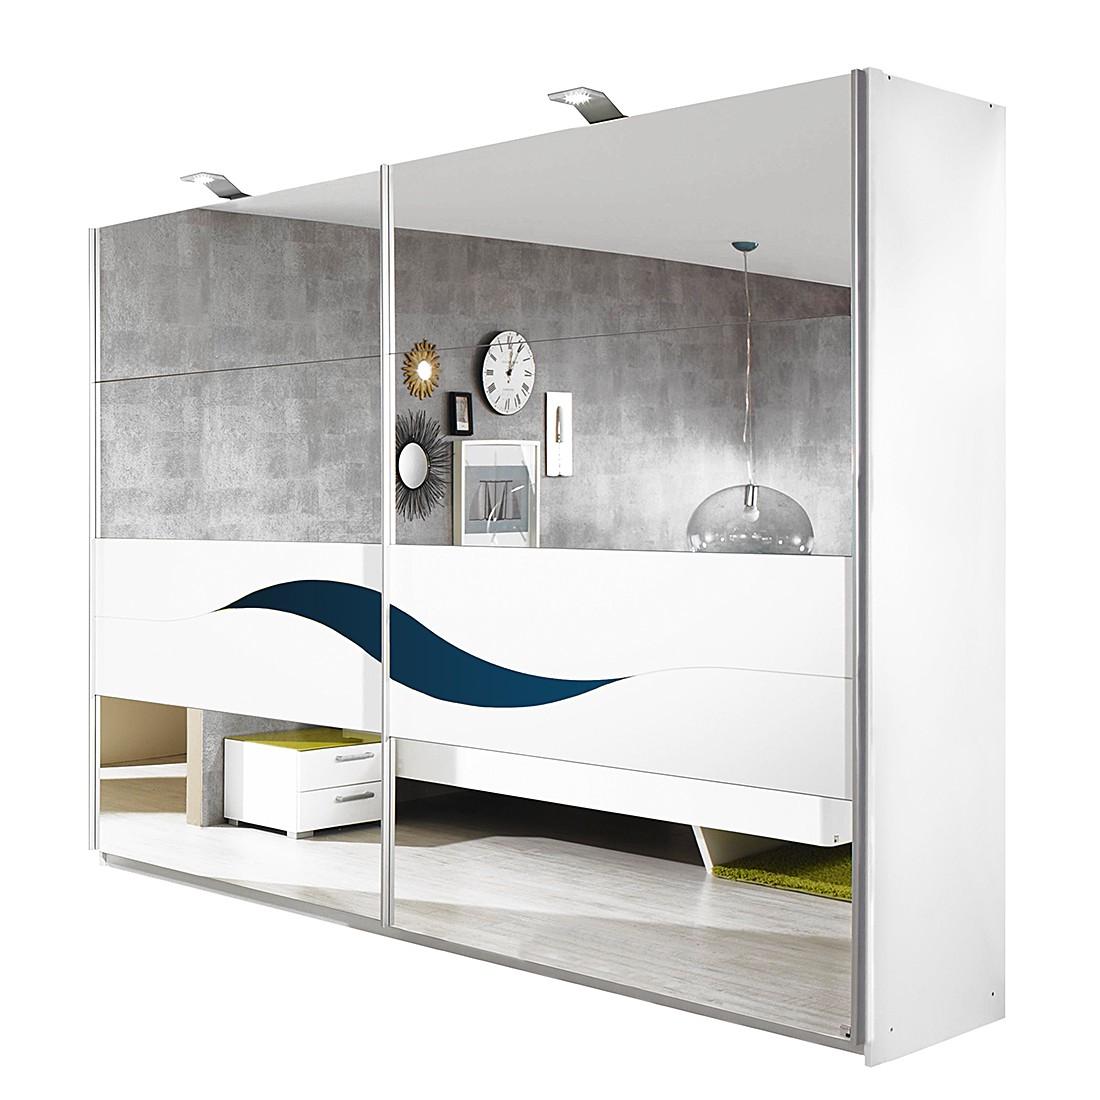 Schwebetürenschrank Onella - Spiegel/Alpinweiß mit Glasabsetzung Petrol (Schrankbreite: 181 cm)